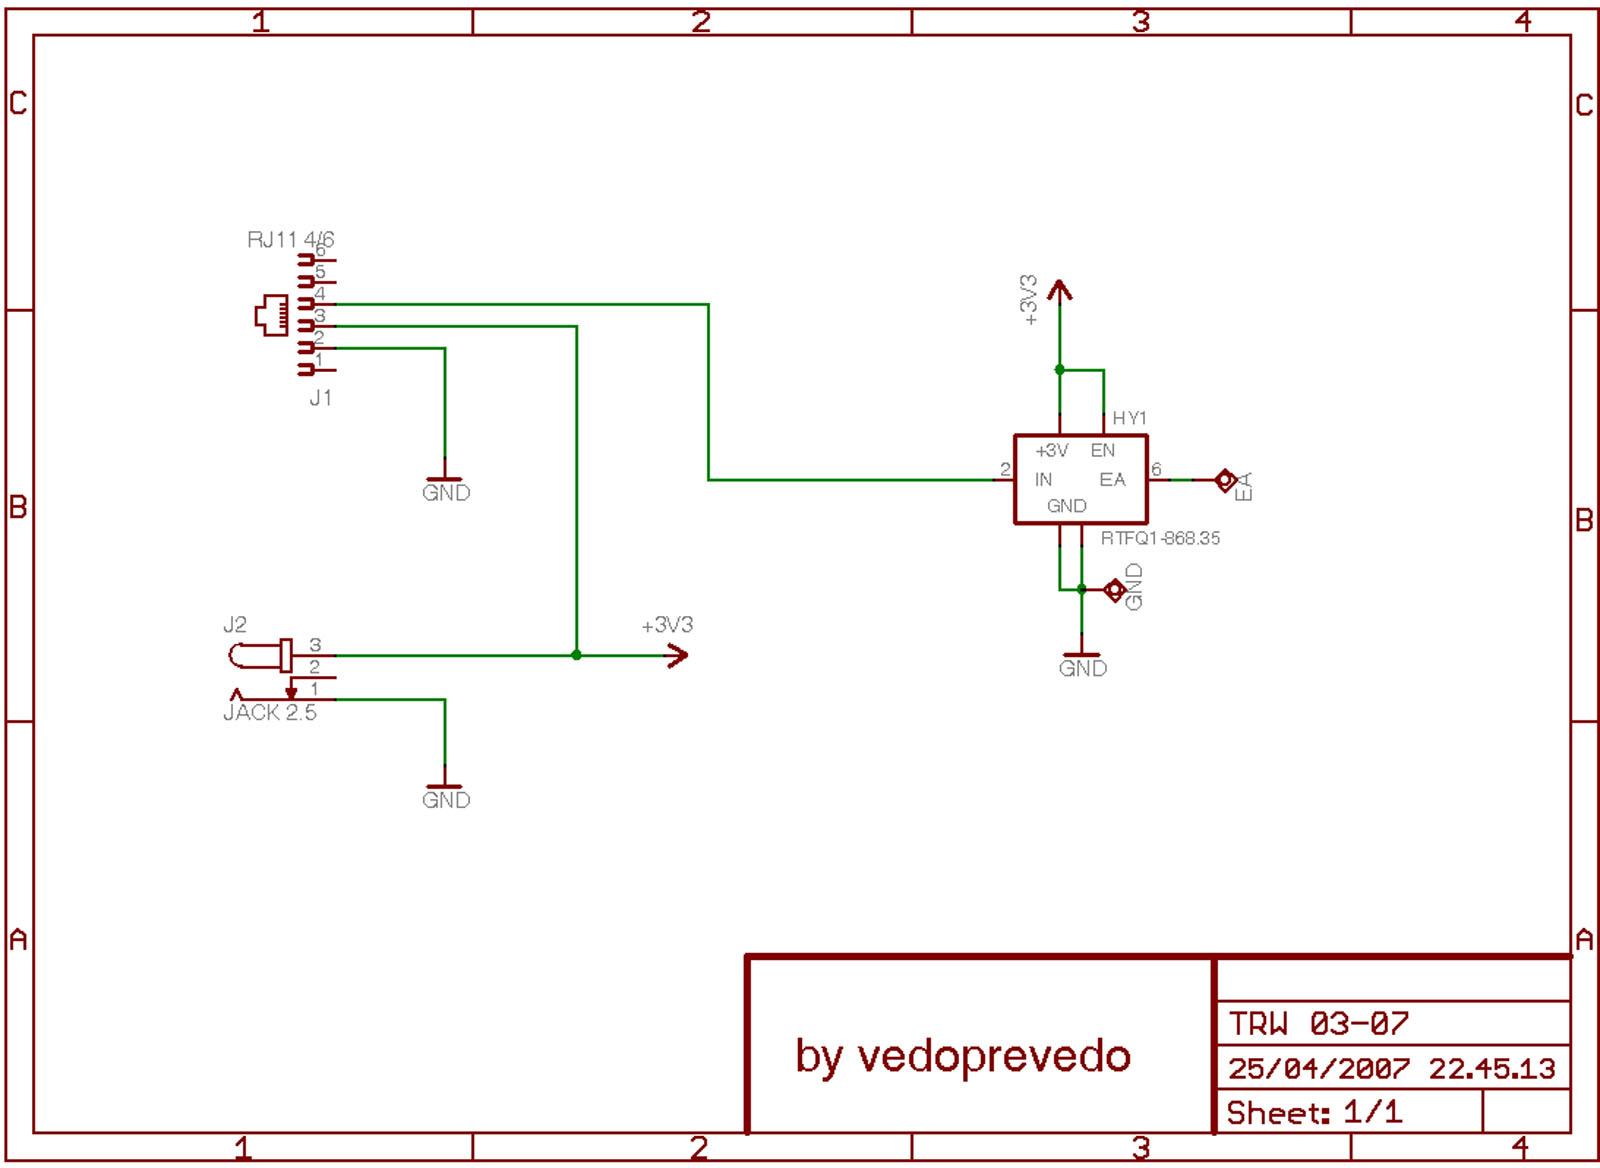 Modifiche per invio dati ogni 8 sec. wireless nelle LaCrosse cablabili-trw-03-07-sch.jpg